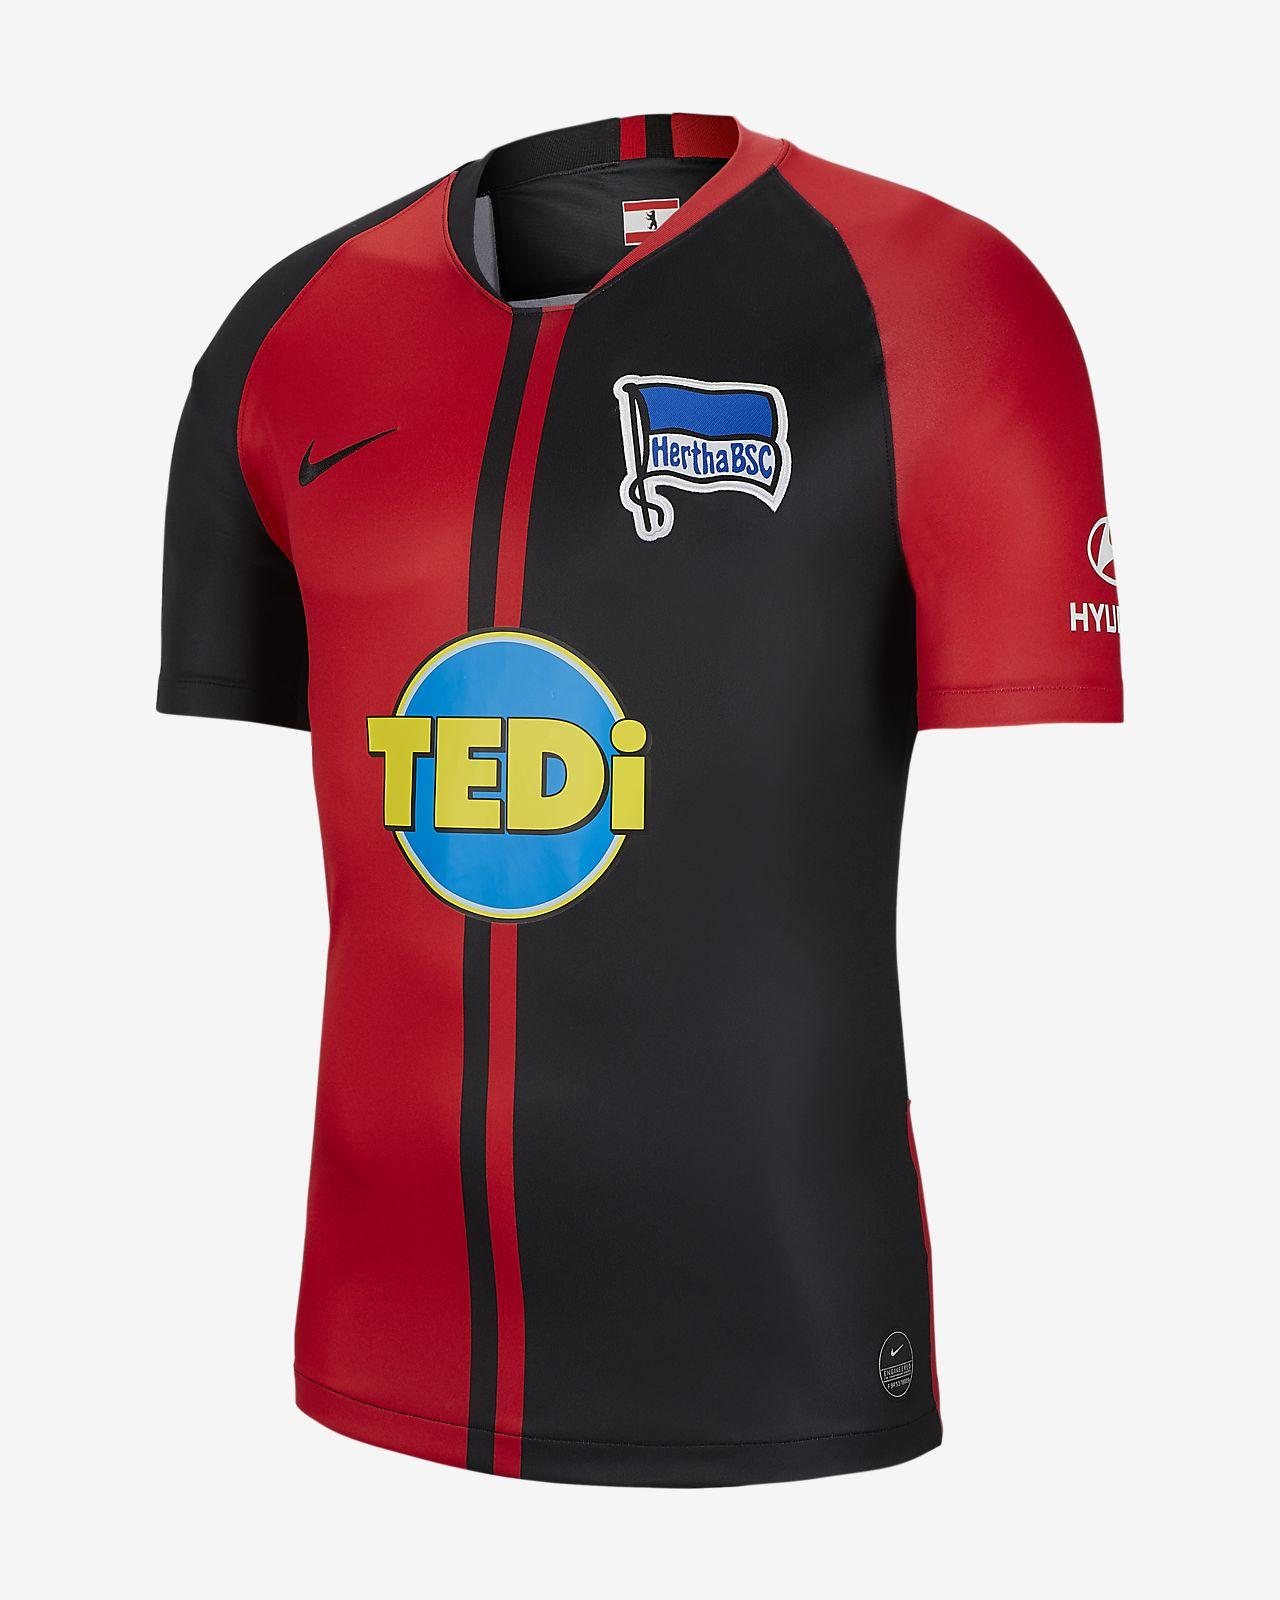 Camiseta de fútbol de visitante para hombre Stadium del Hertha BSC 2019/20